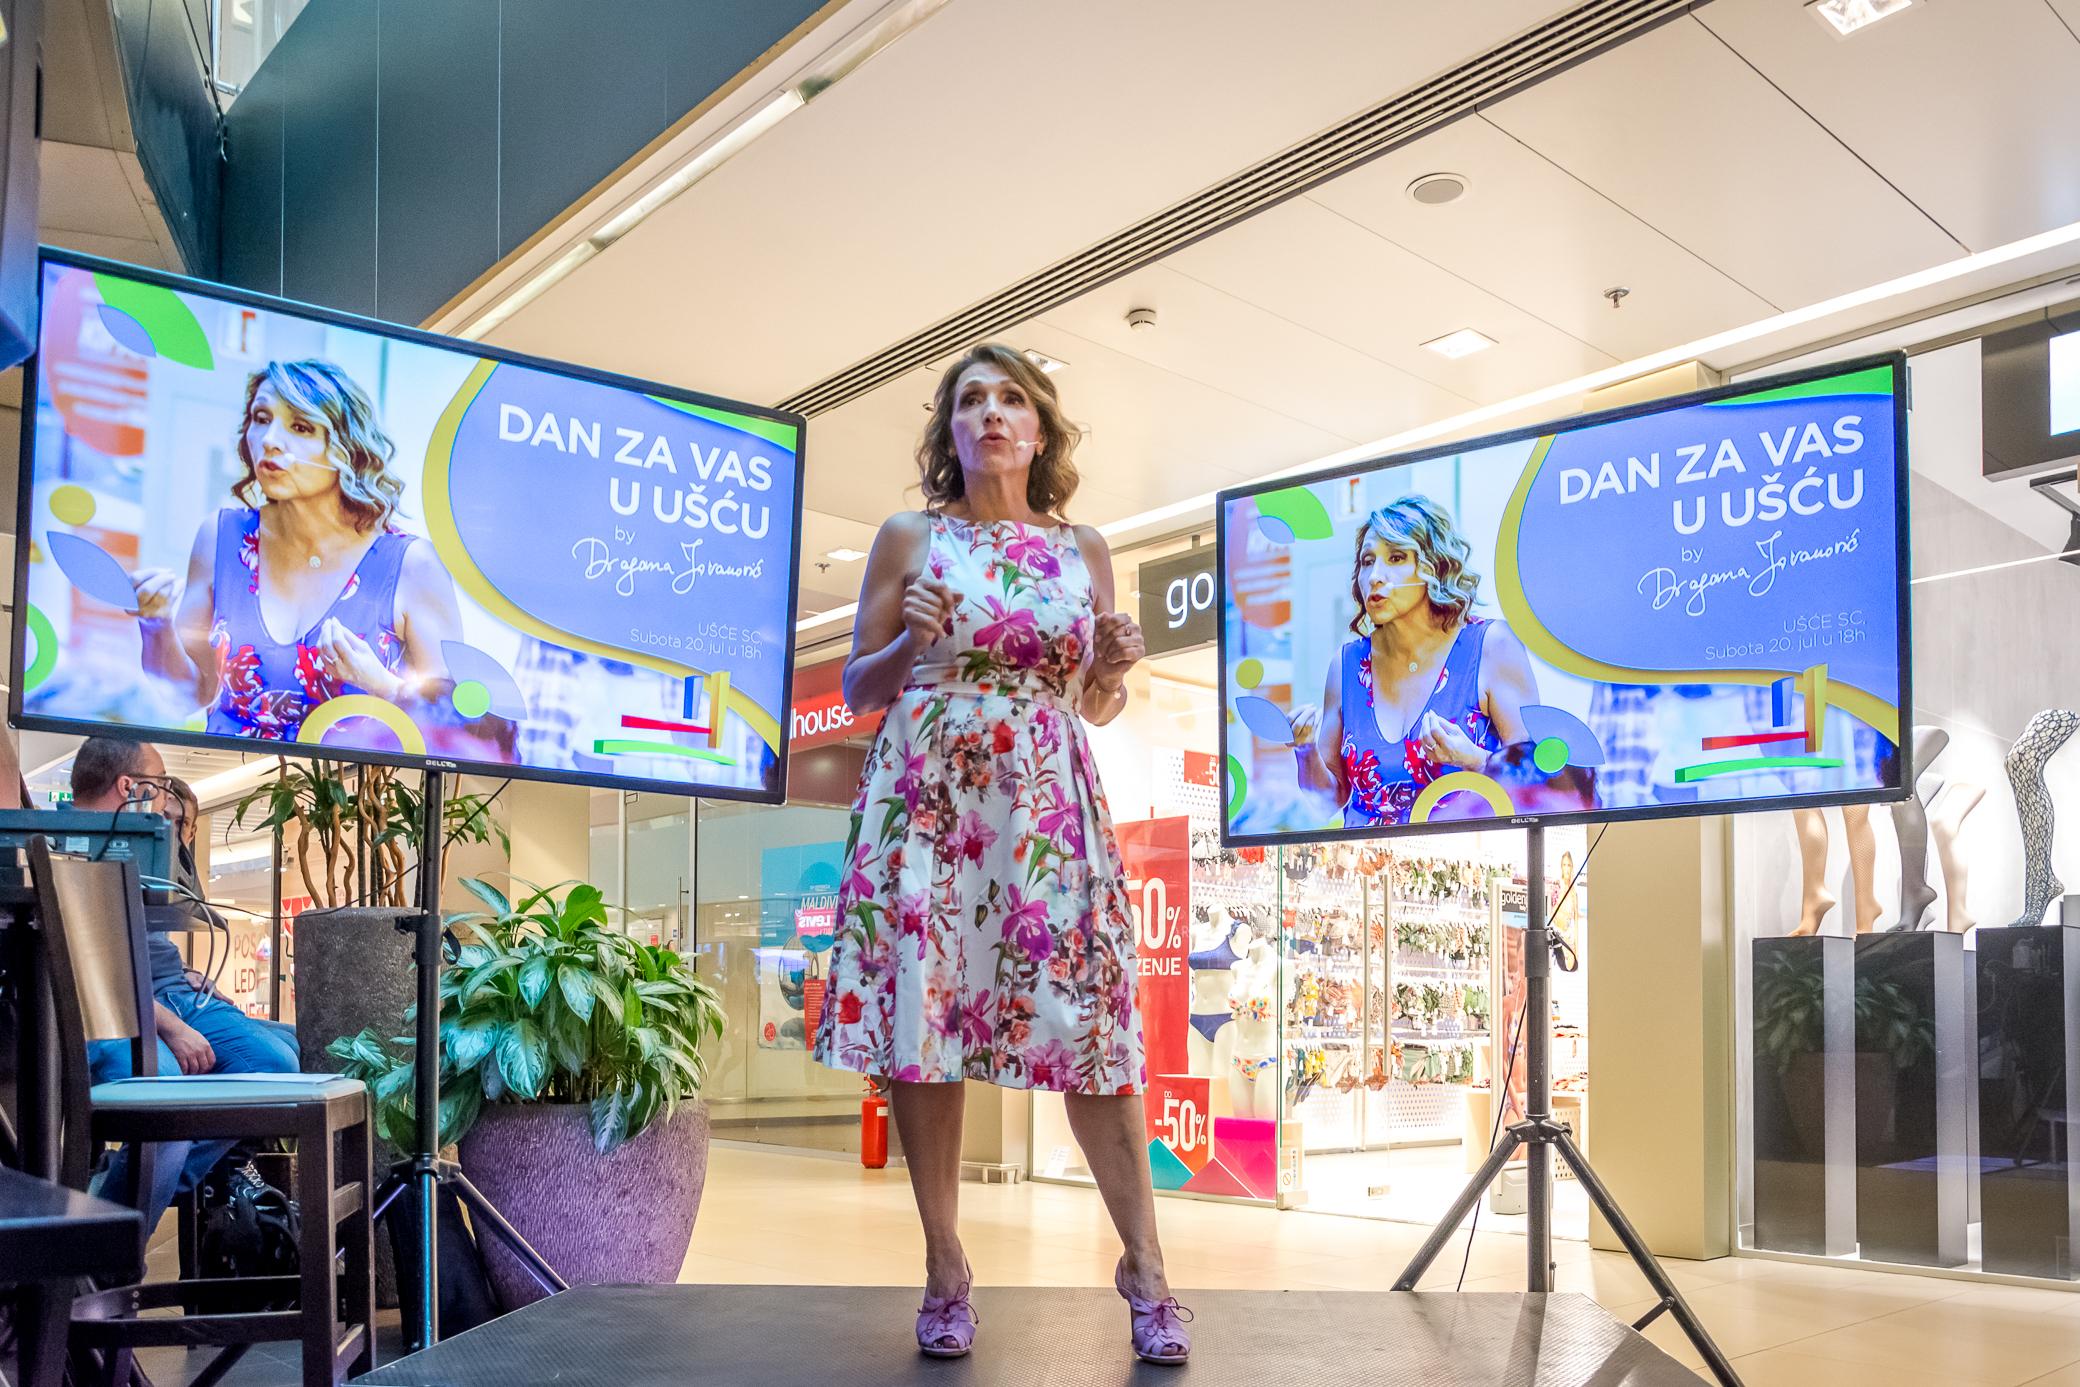 usce 20.07.2019 47 Unapredi partnerske odnose, dođi na Dan za Vas u Ušću by Dragana Jovanović